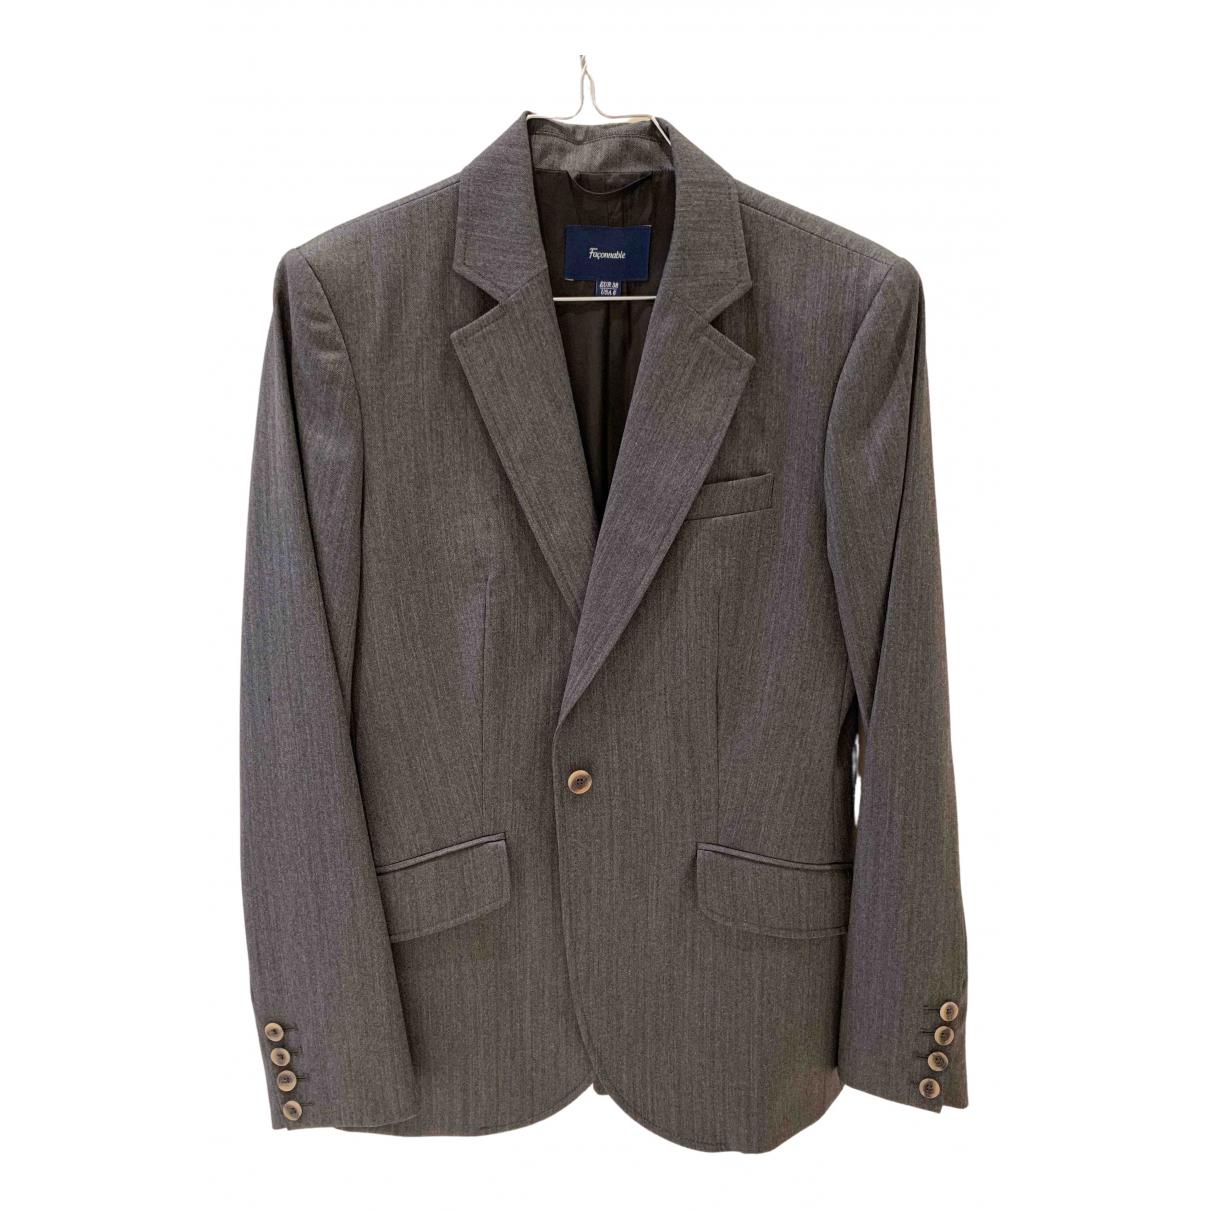 Faconnable \N Jacke in  Grau Wolle